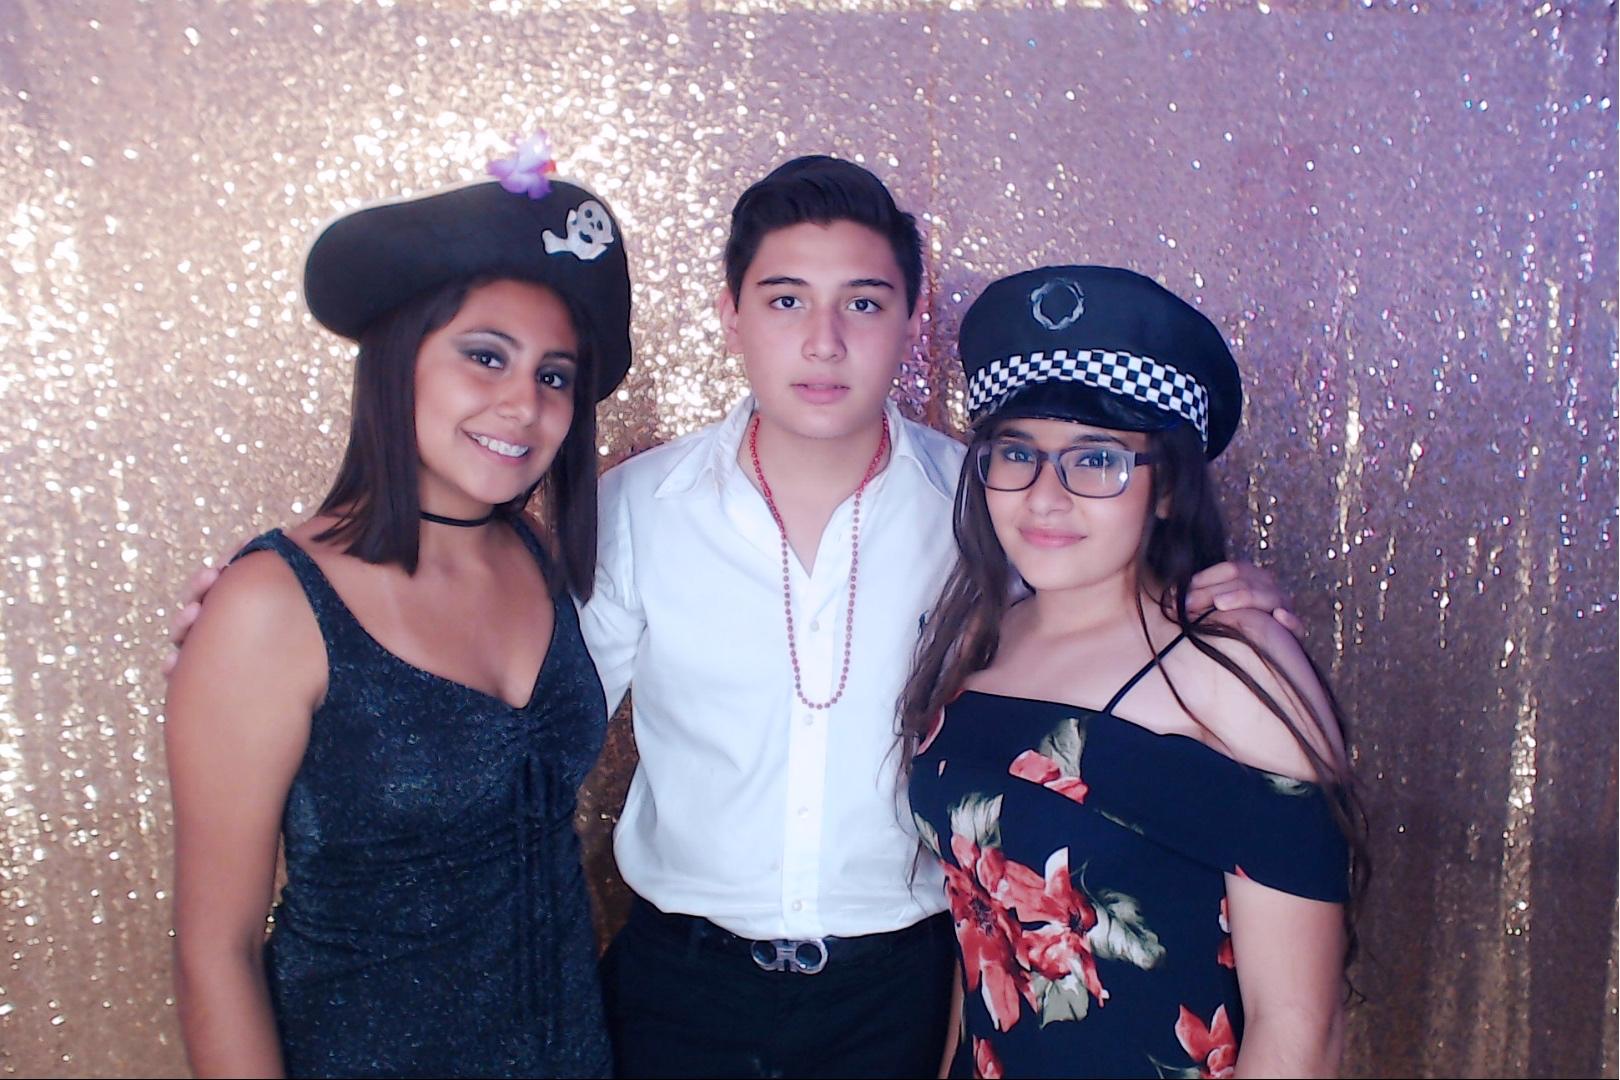 Quinceañerasphotoboothcancun00253